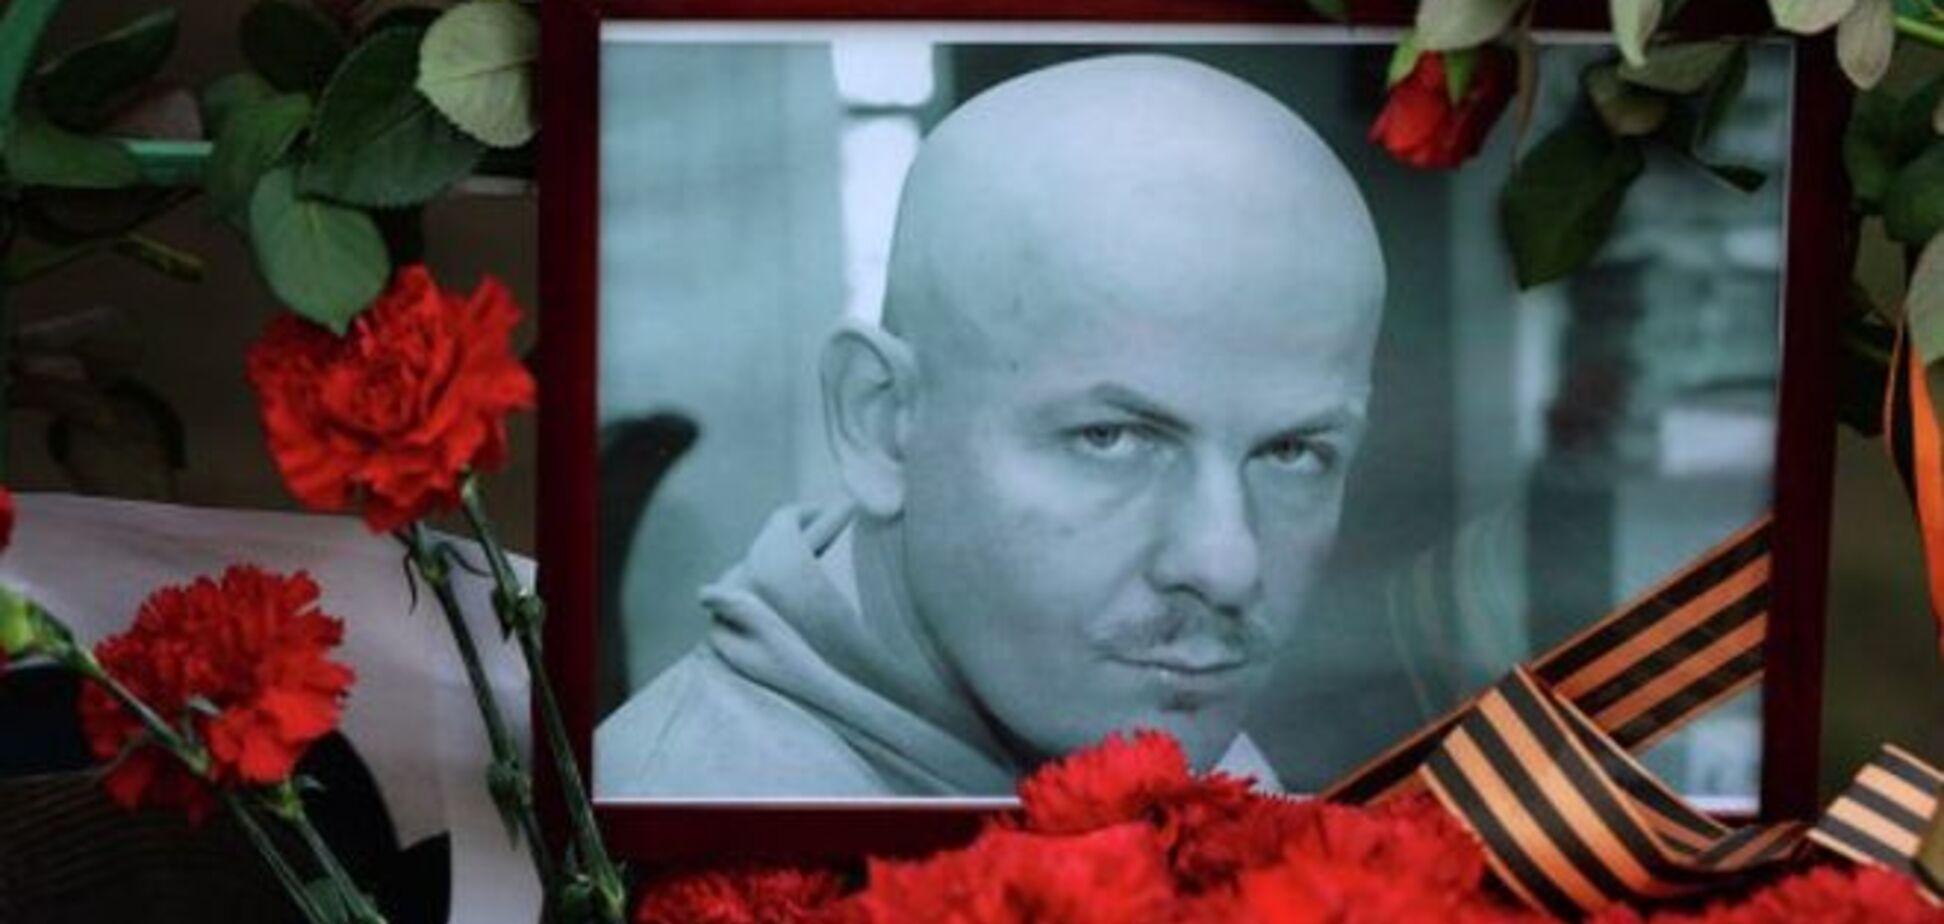 ДНК-след в убийстве Бузины: найдены доказательства вины подозреваемых Полищука и Медведько